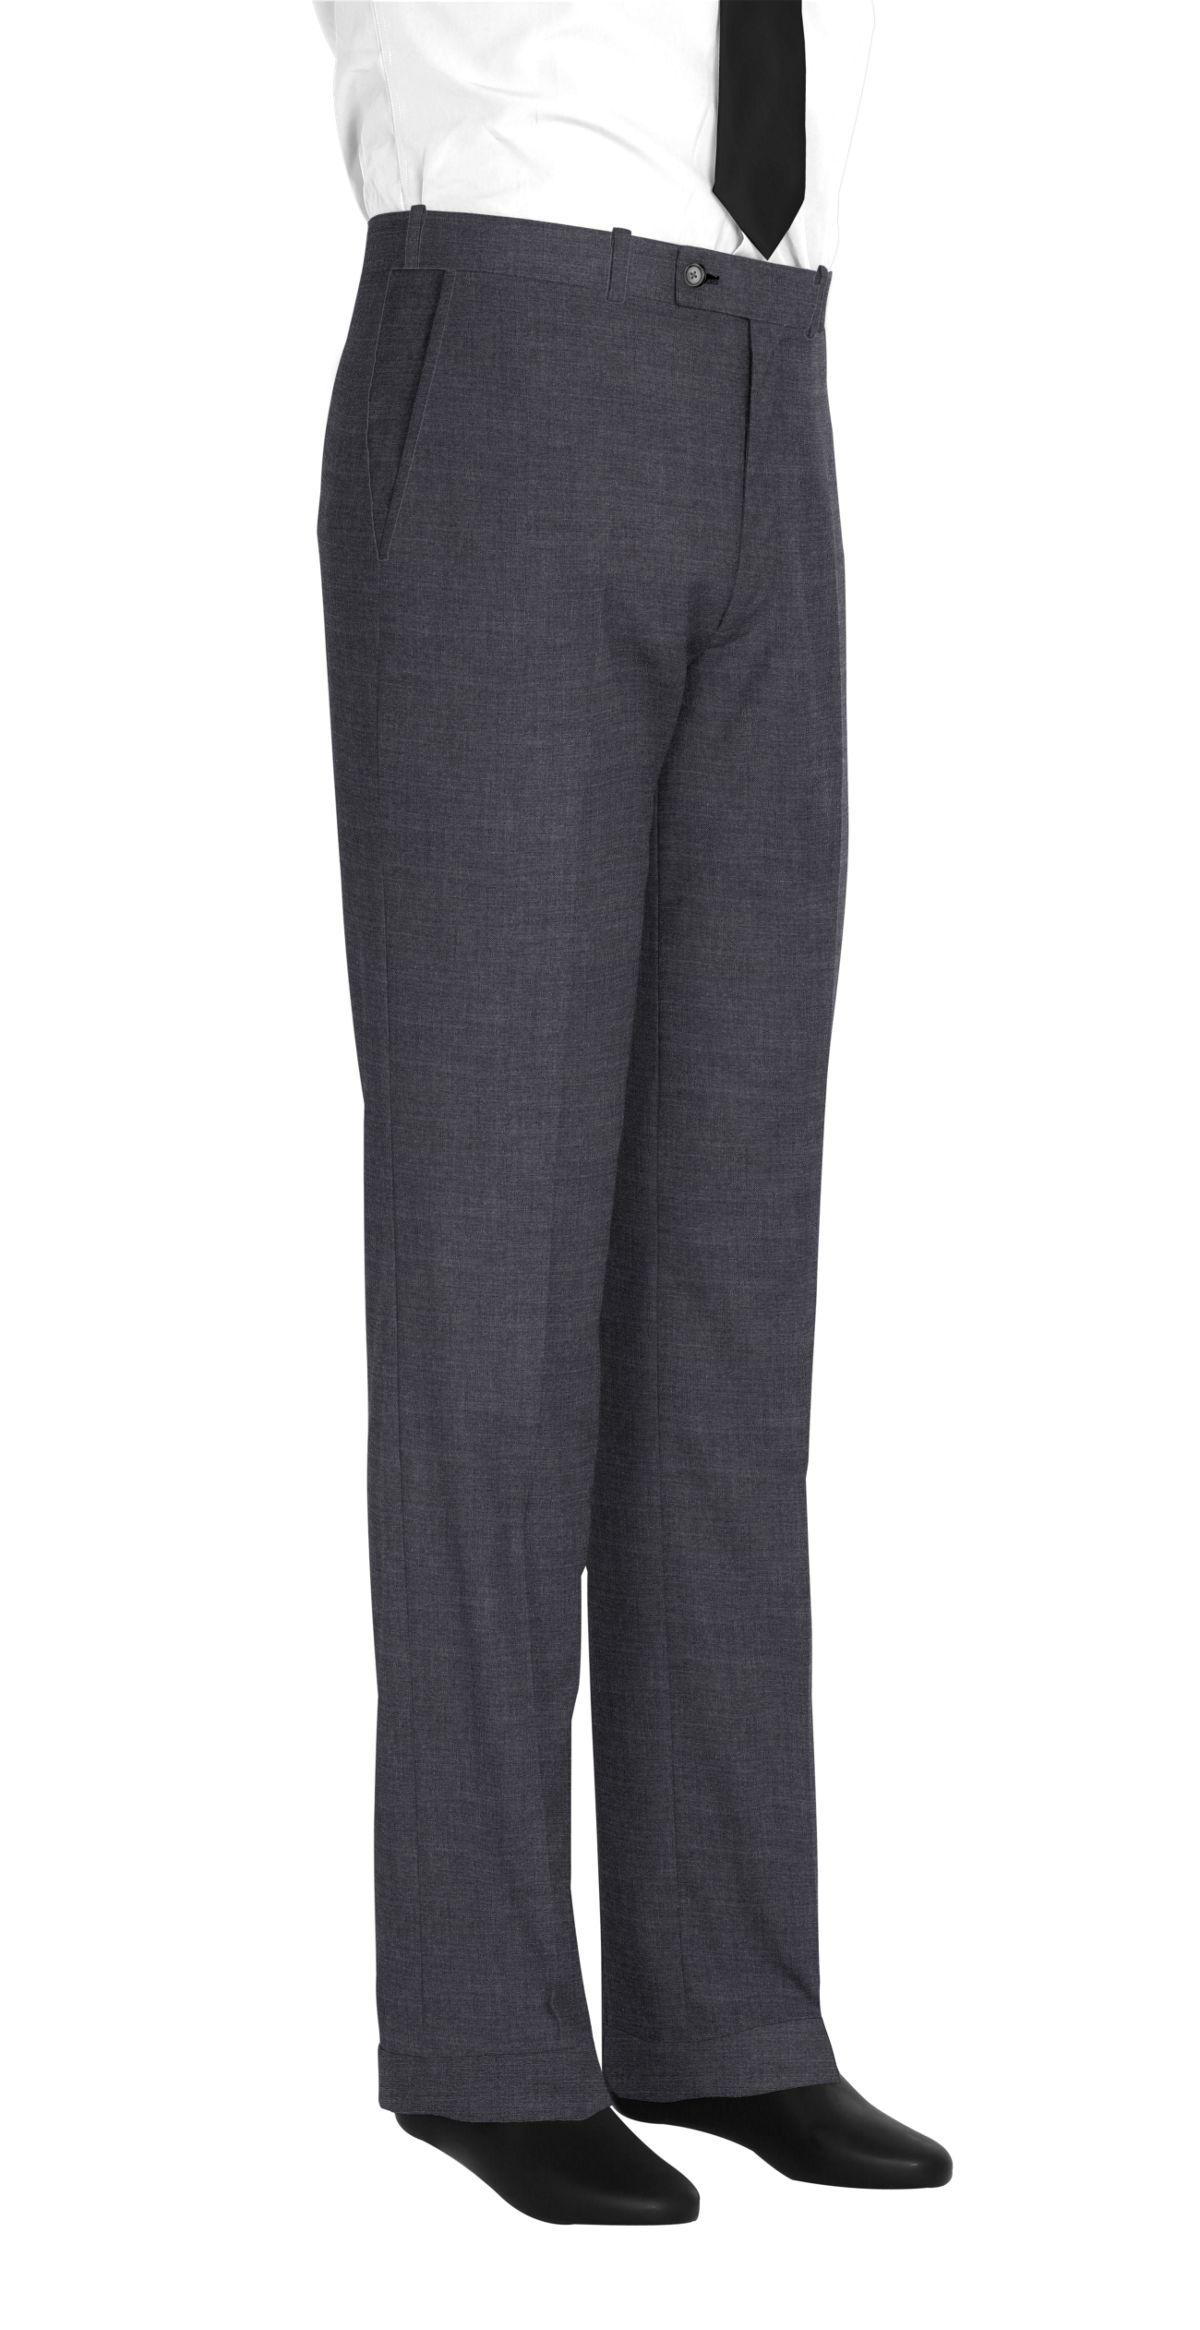 Pantalon homme sur mesure et personnalisé gris uni  bas avec revers